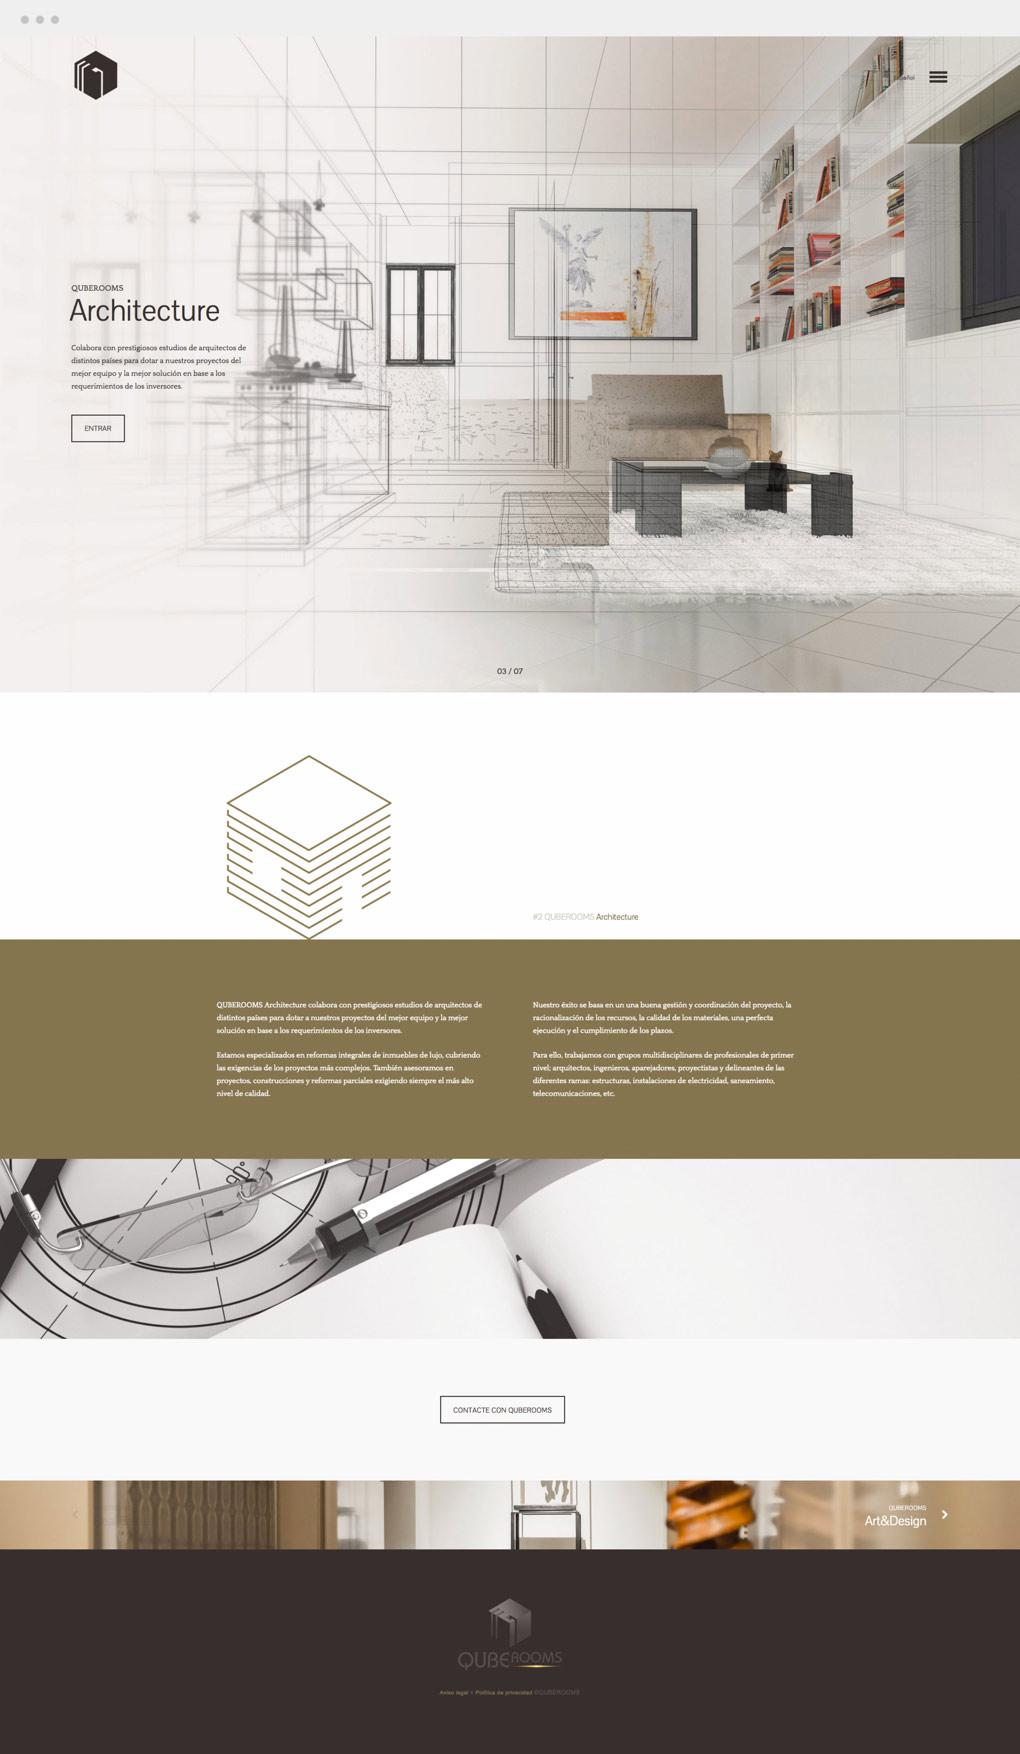 Diseno de web para QubeRooms presentación de servicio de arquitectura